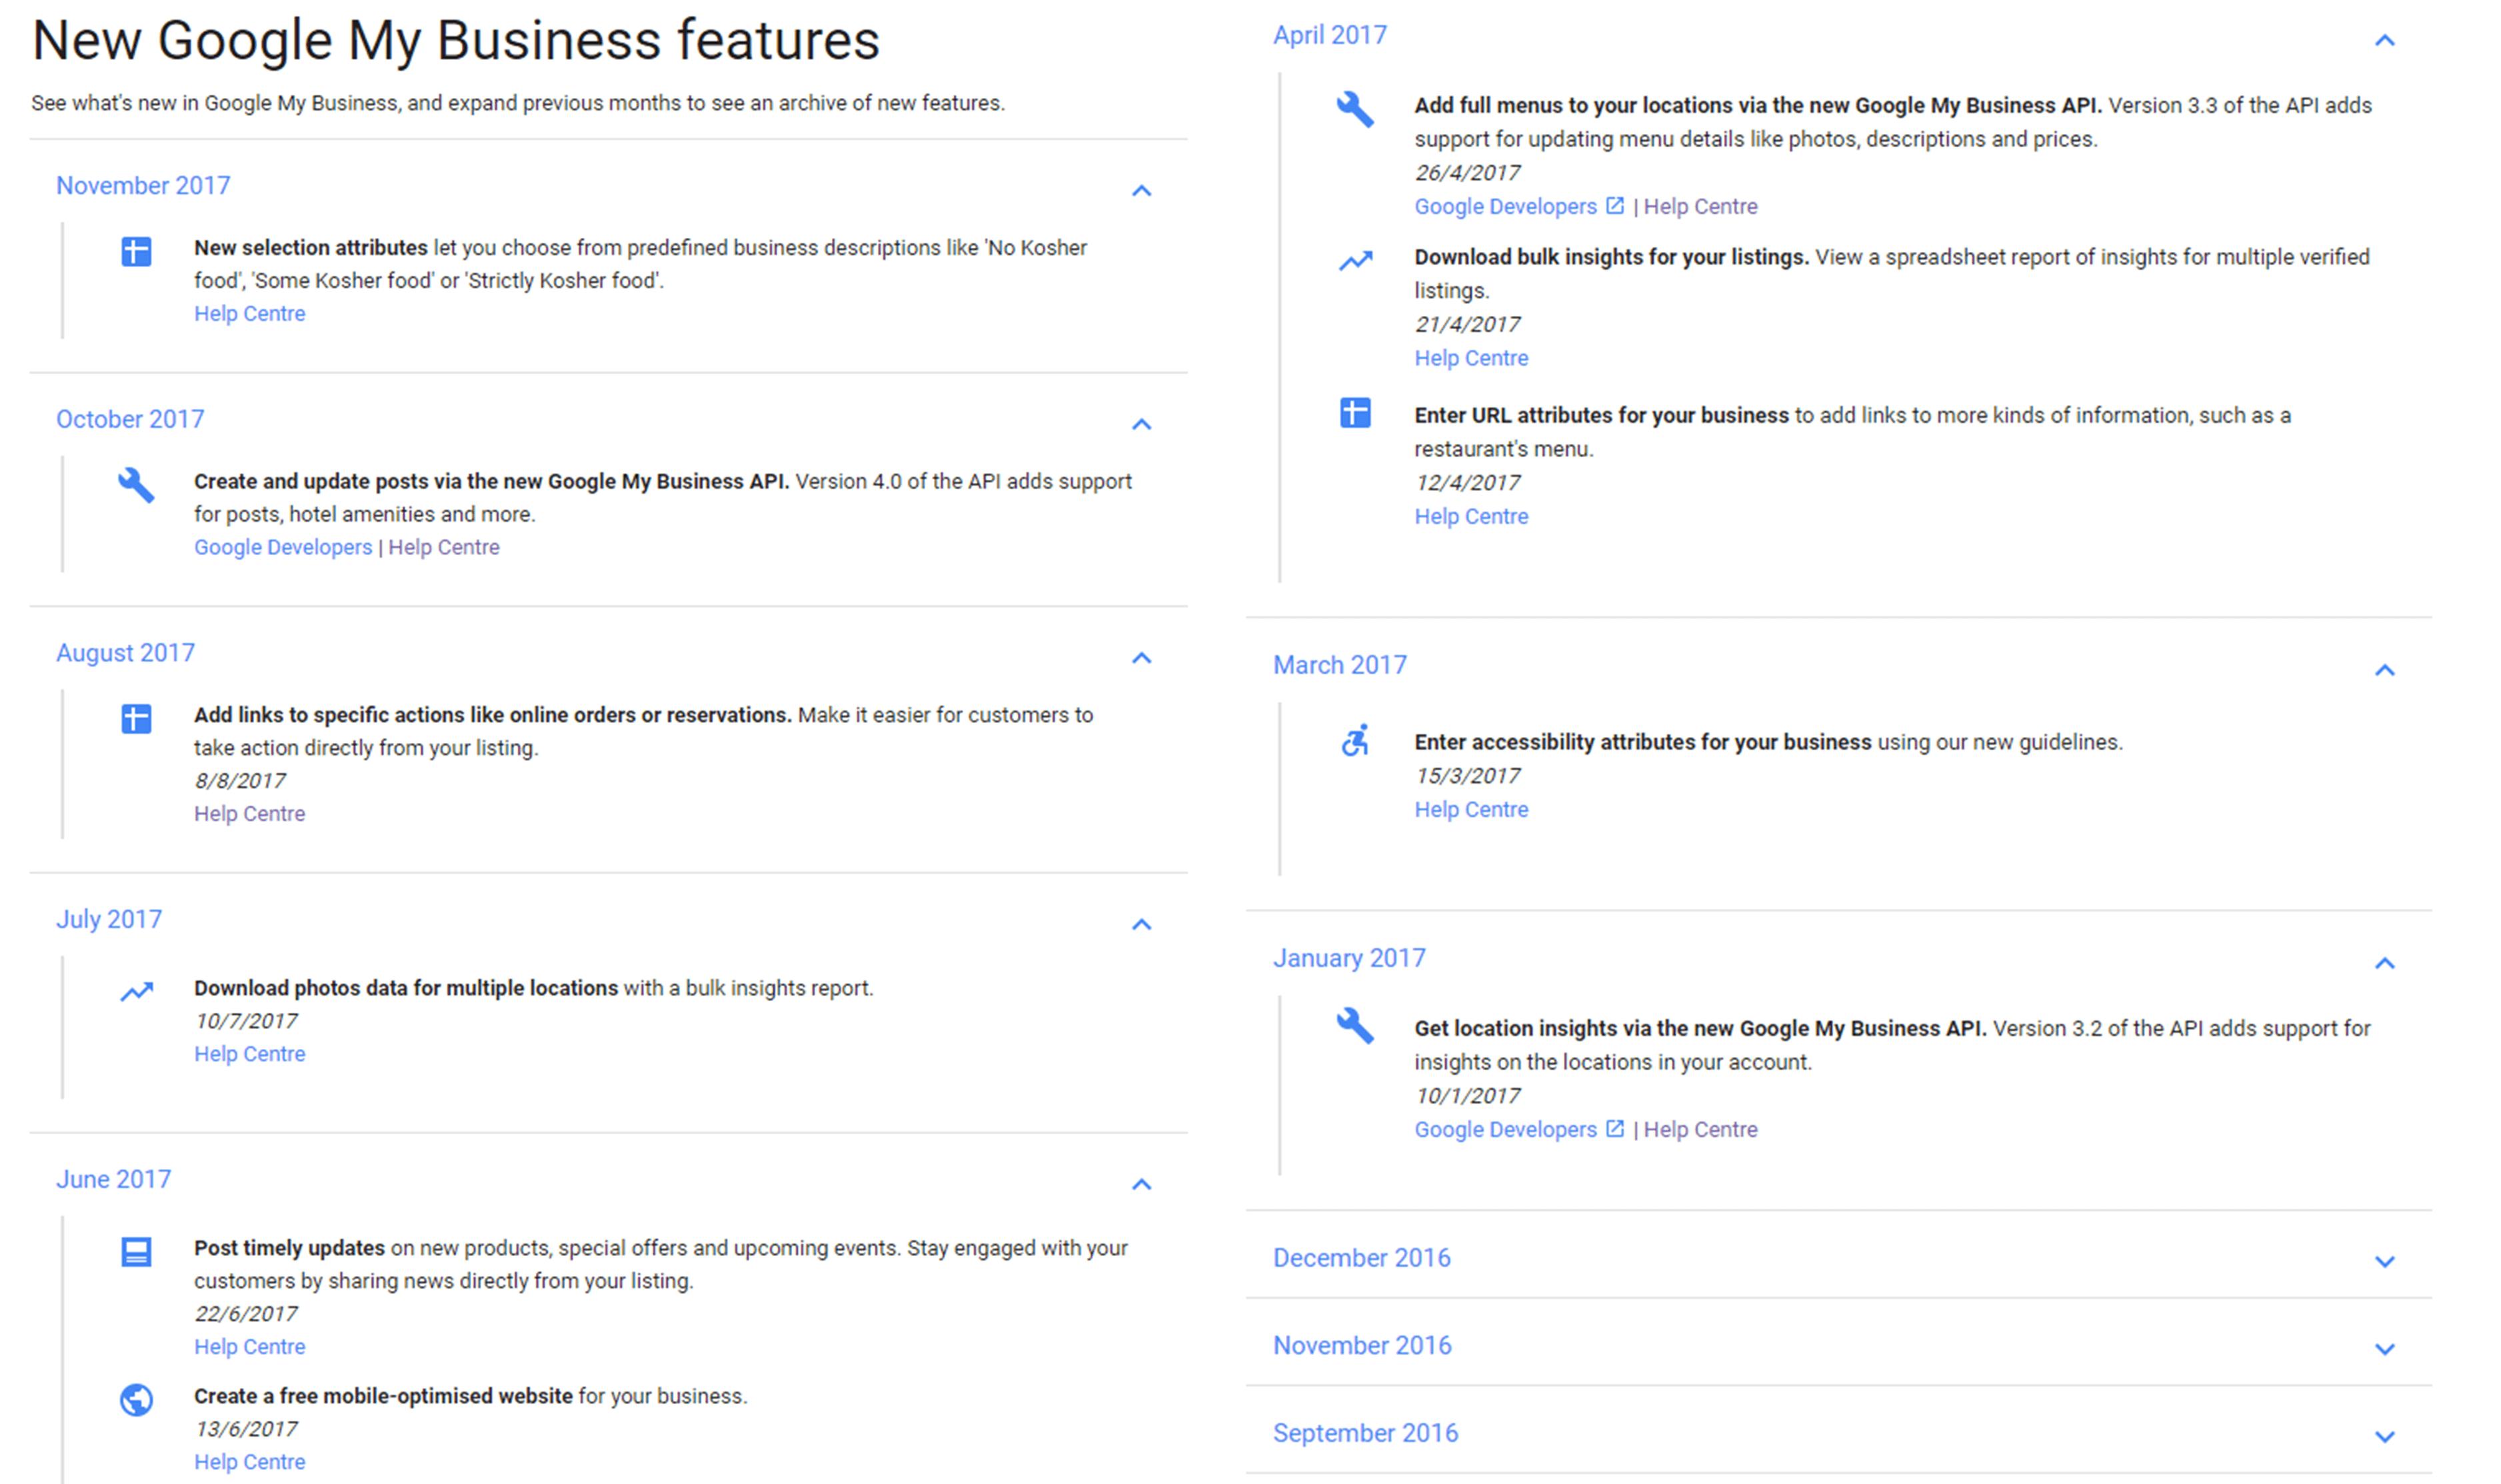 New Google My Business features screenshot